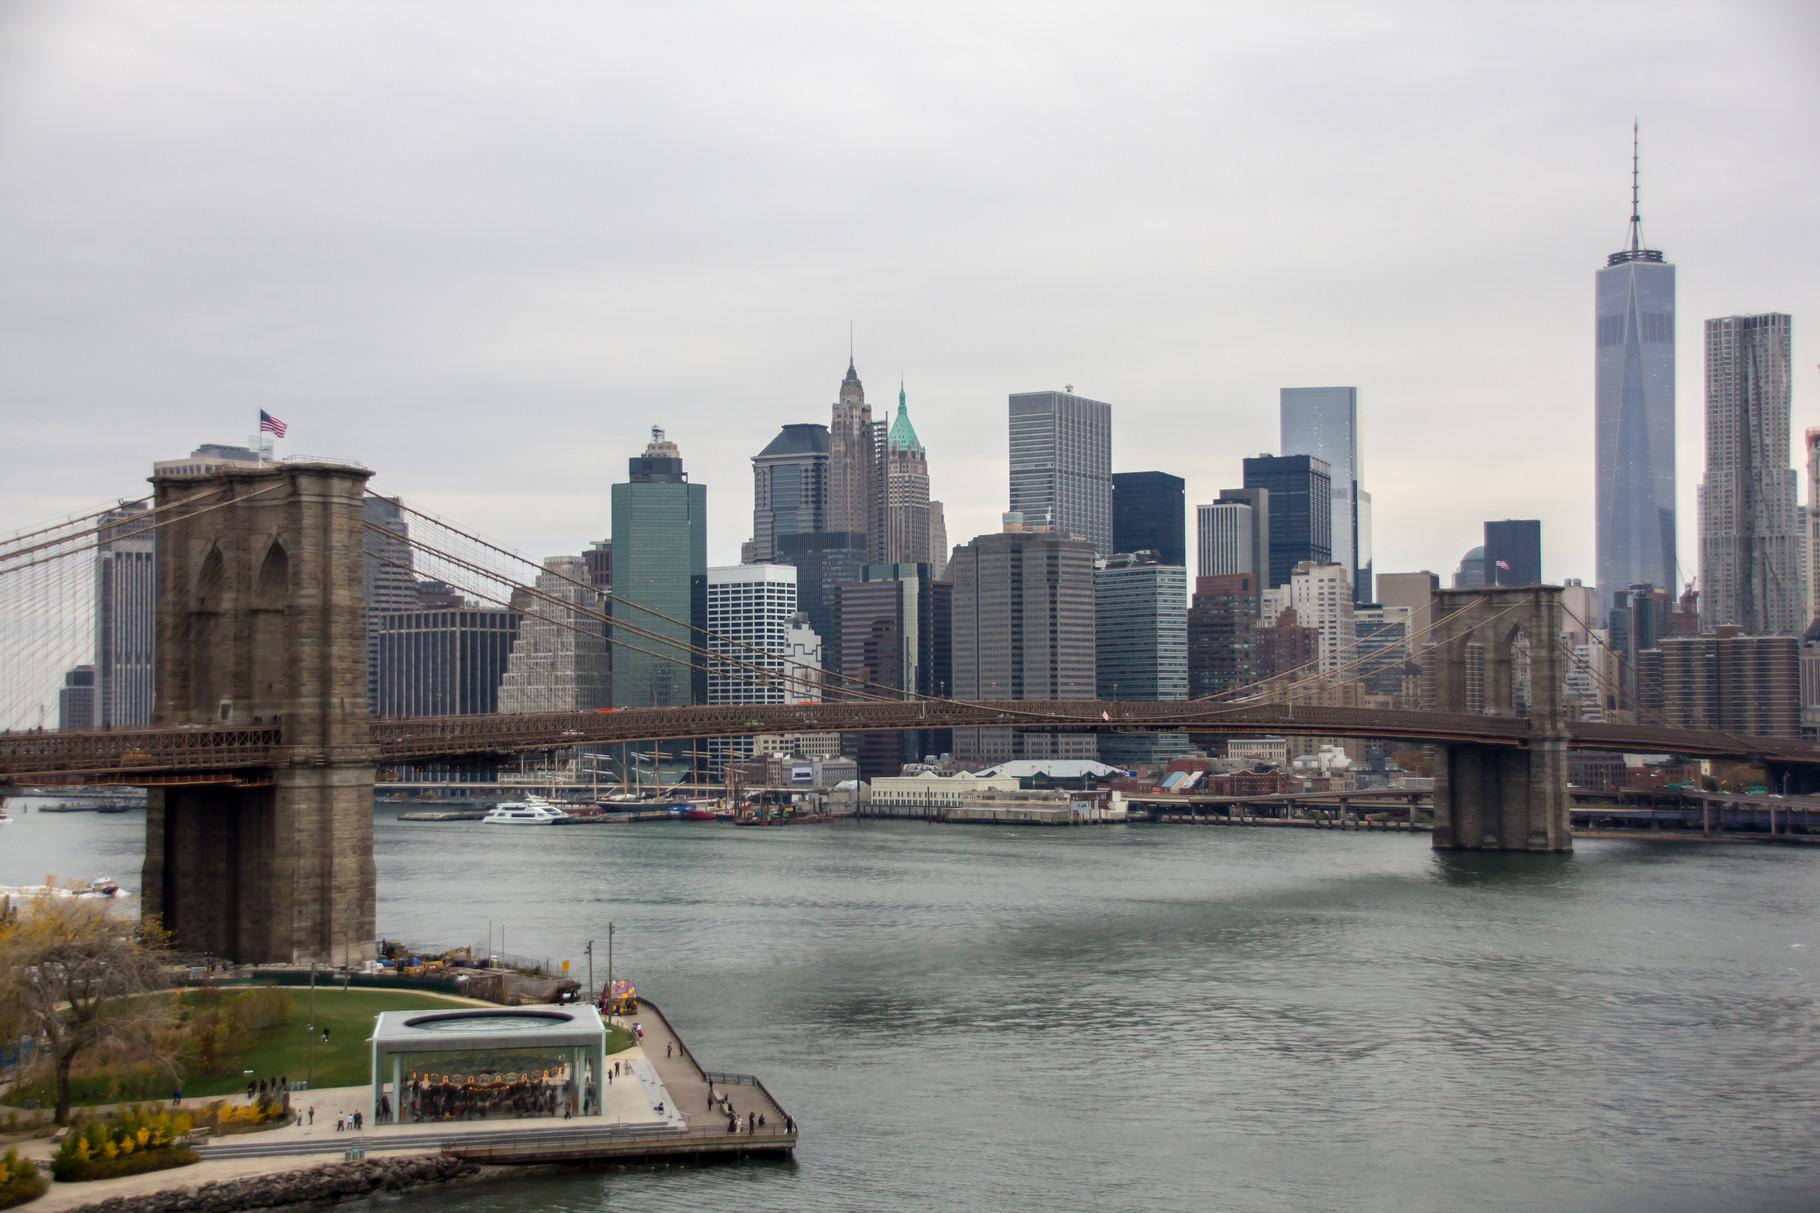 48_NYC Blick von Manhattan Bridge auf Brooklyn Bridge.